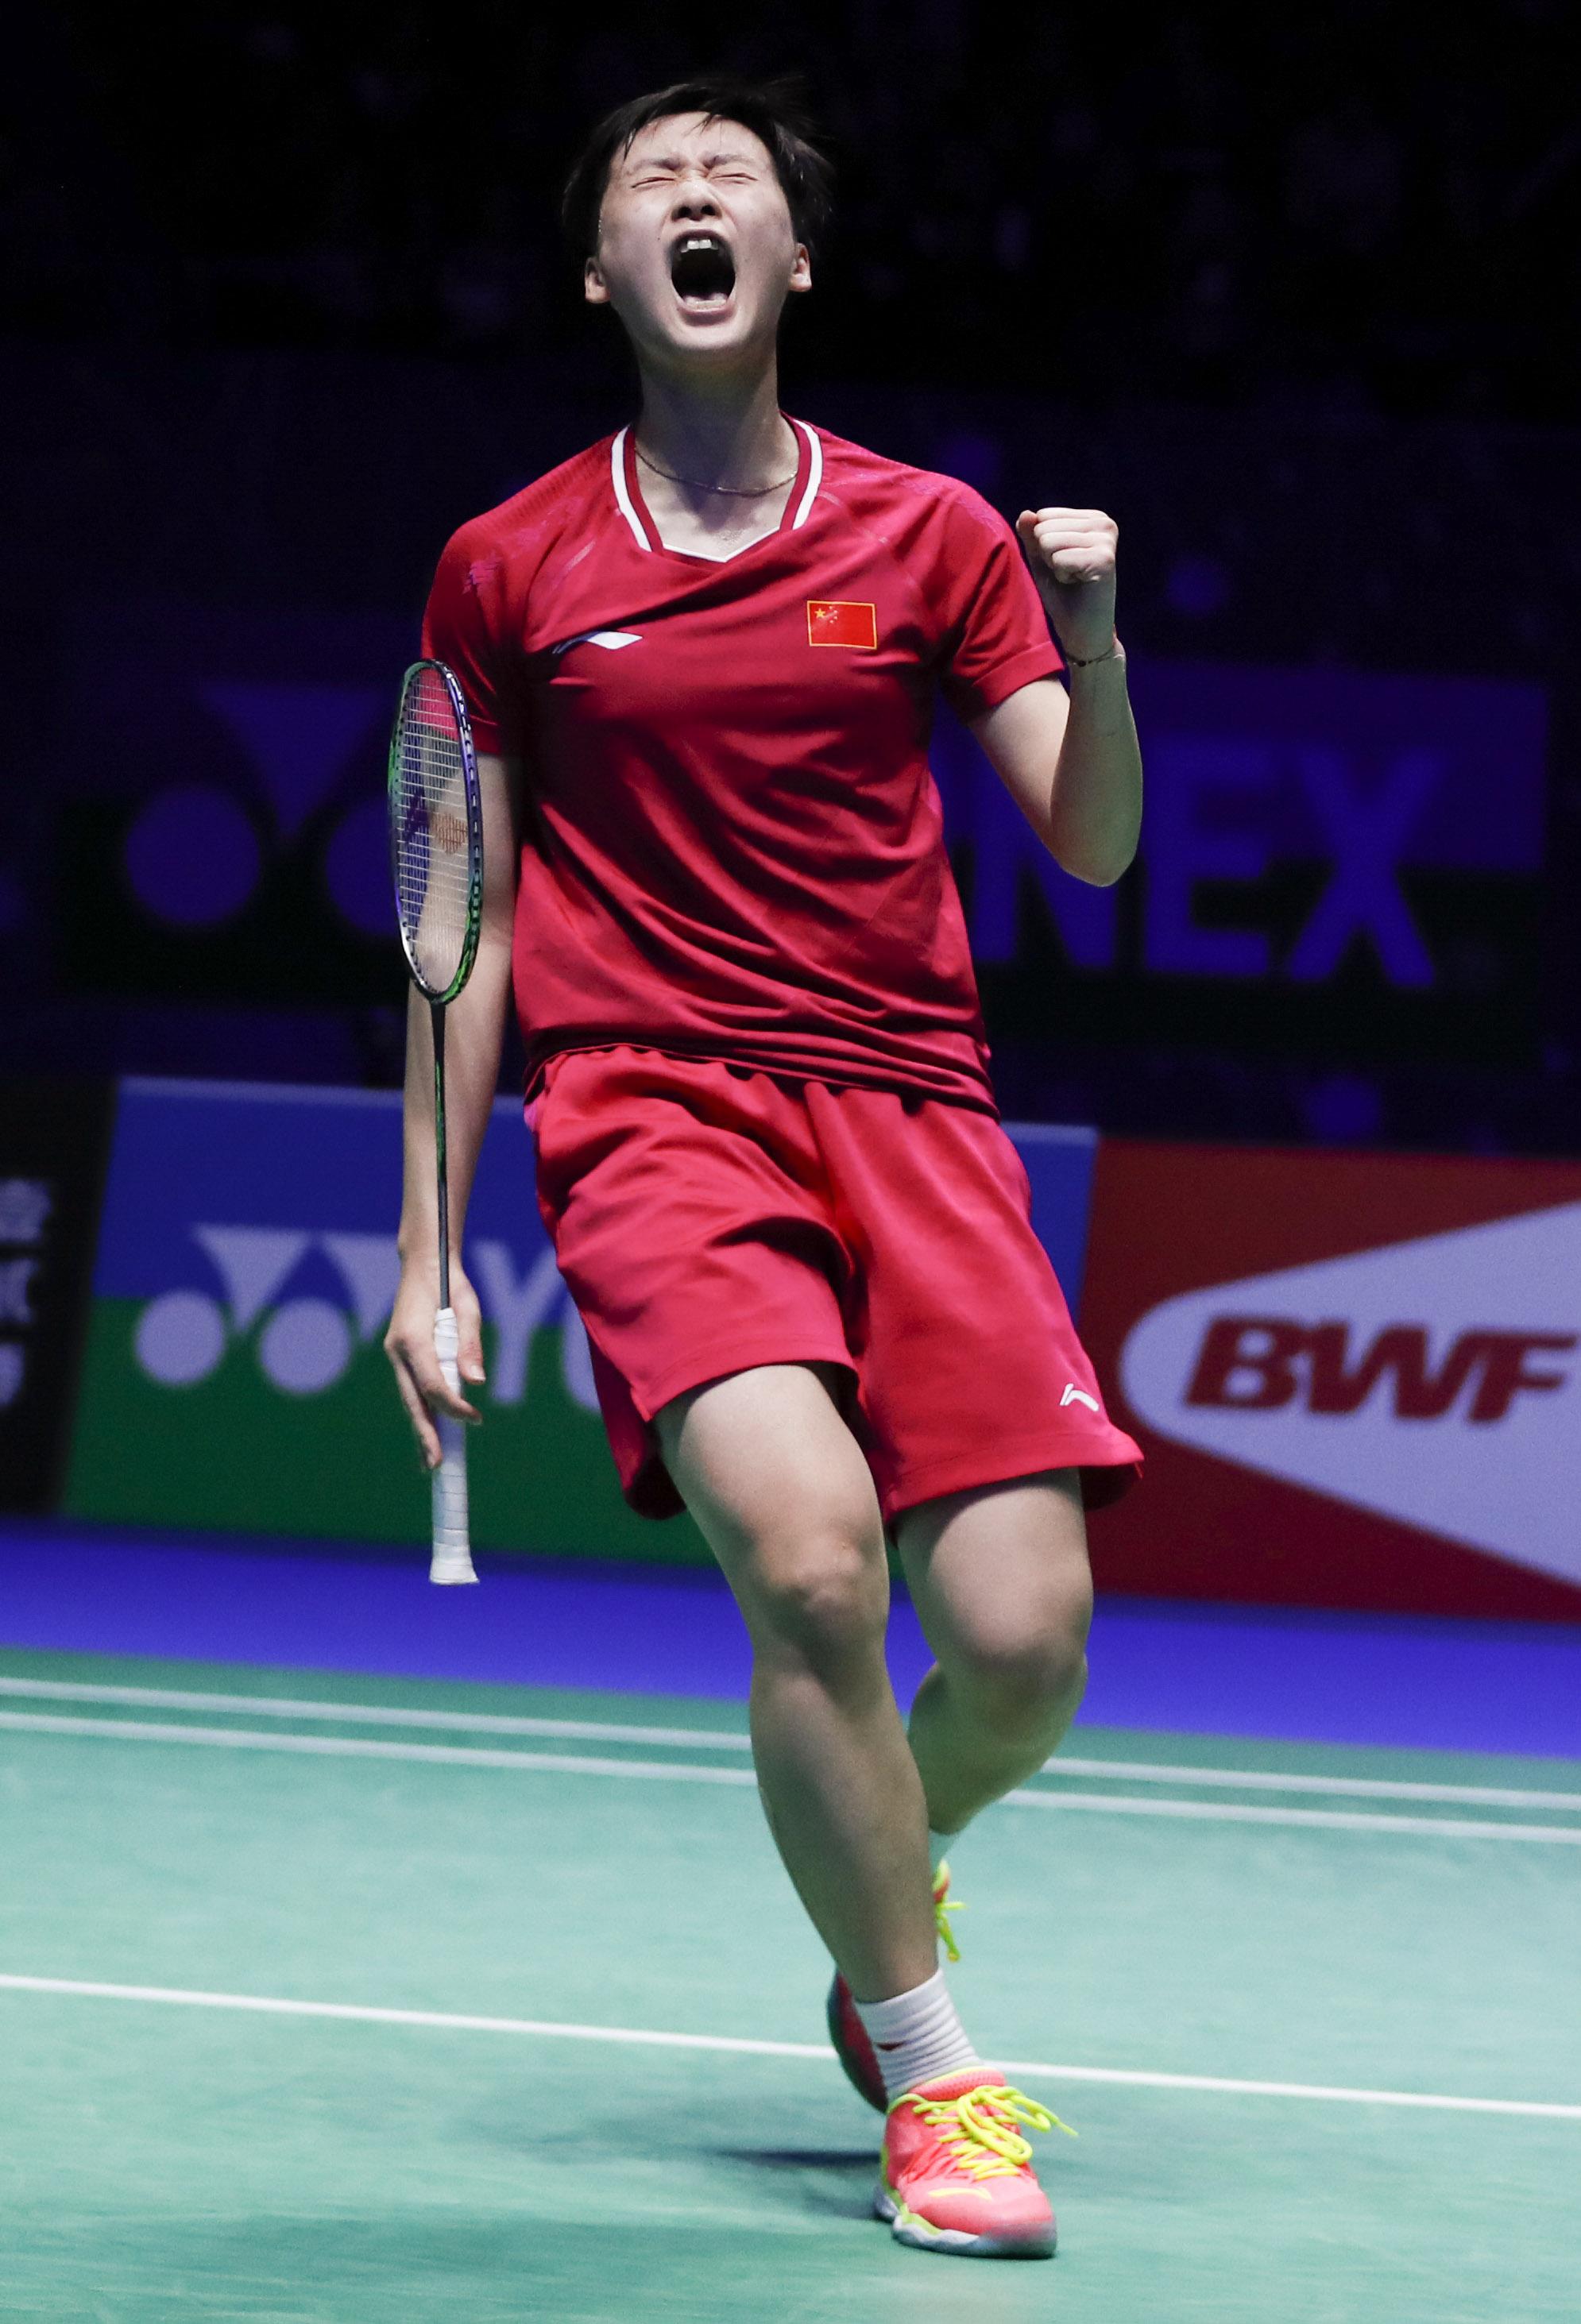 陈雨菲夺得全英公开赛女单冠军